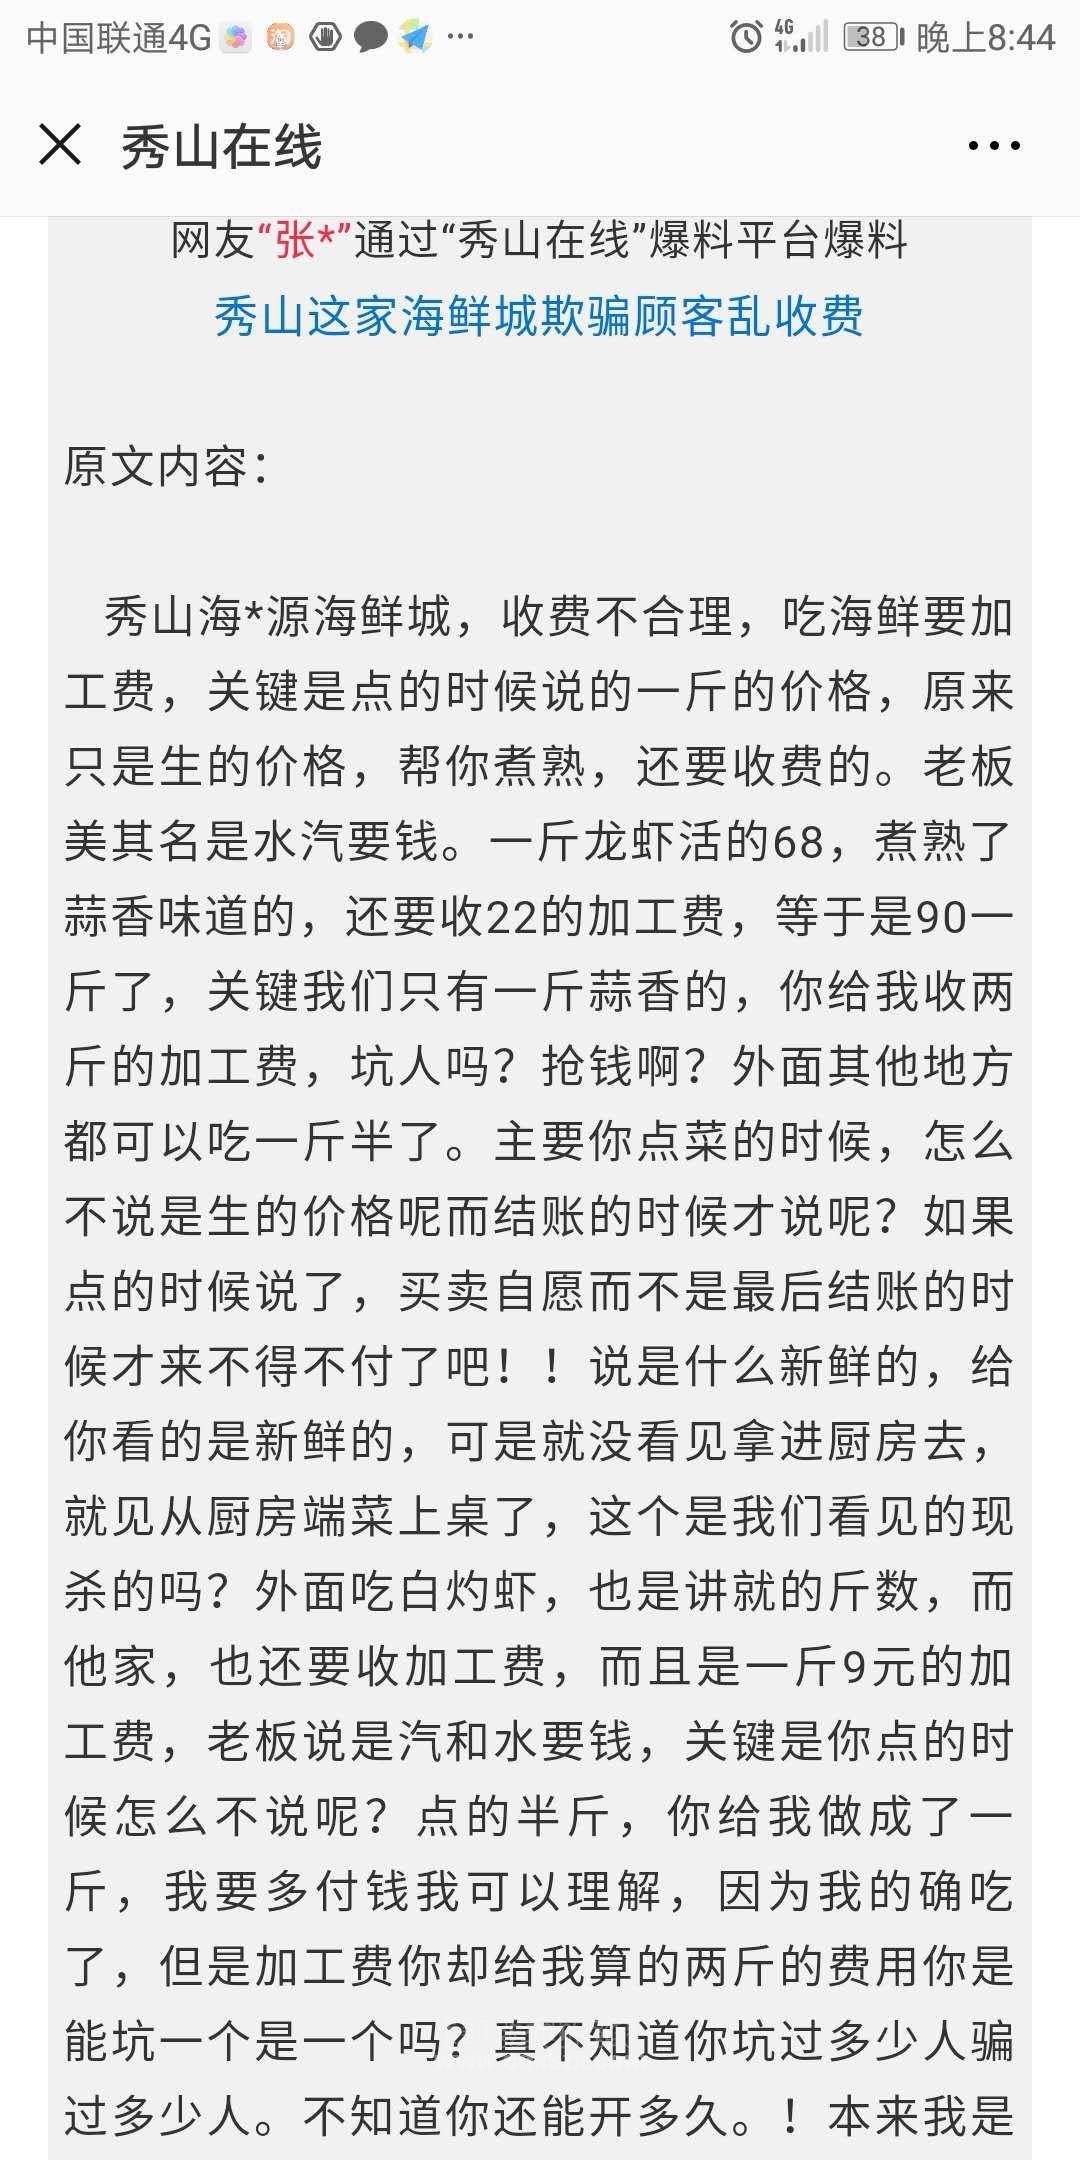 海之源·海鲜城  再次澄清消费恶意中伤本店乱收取事件